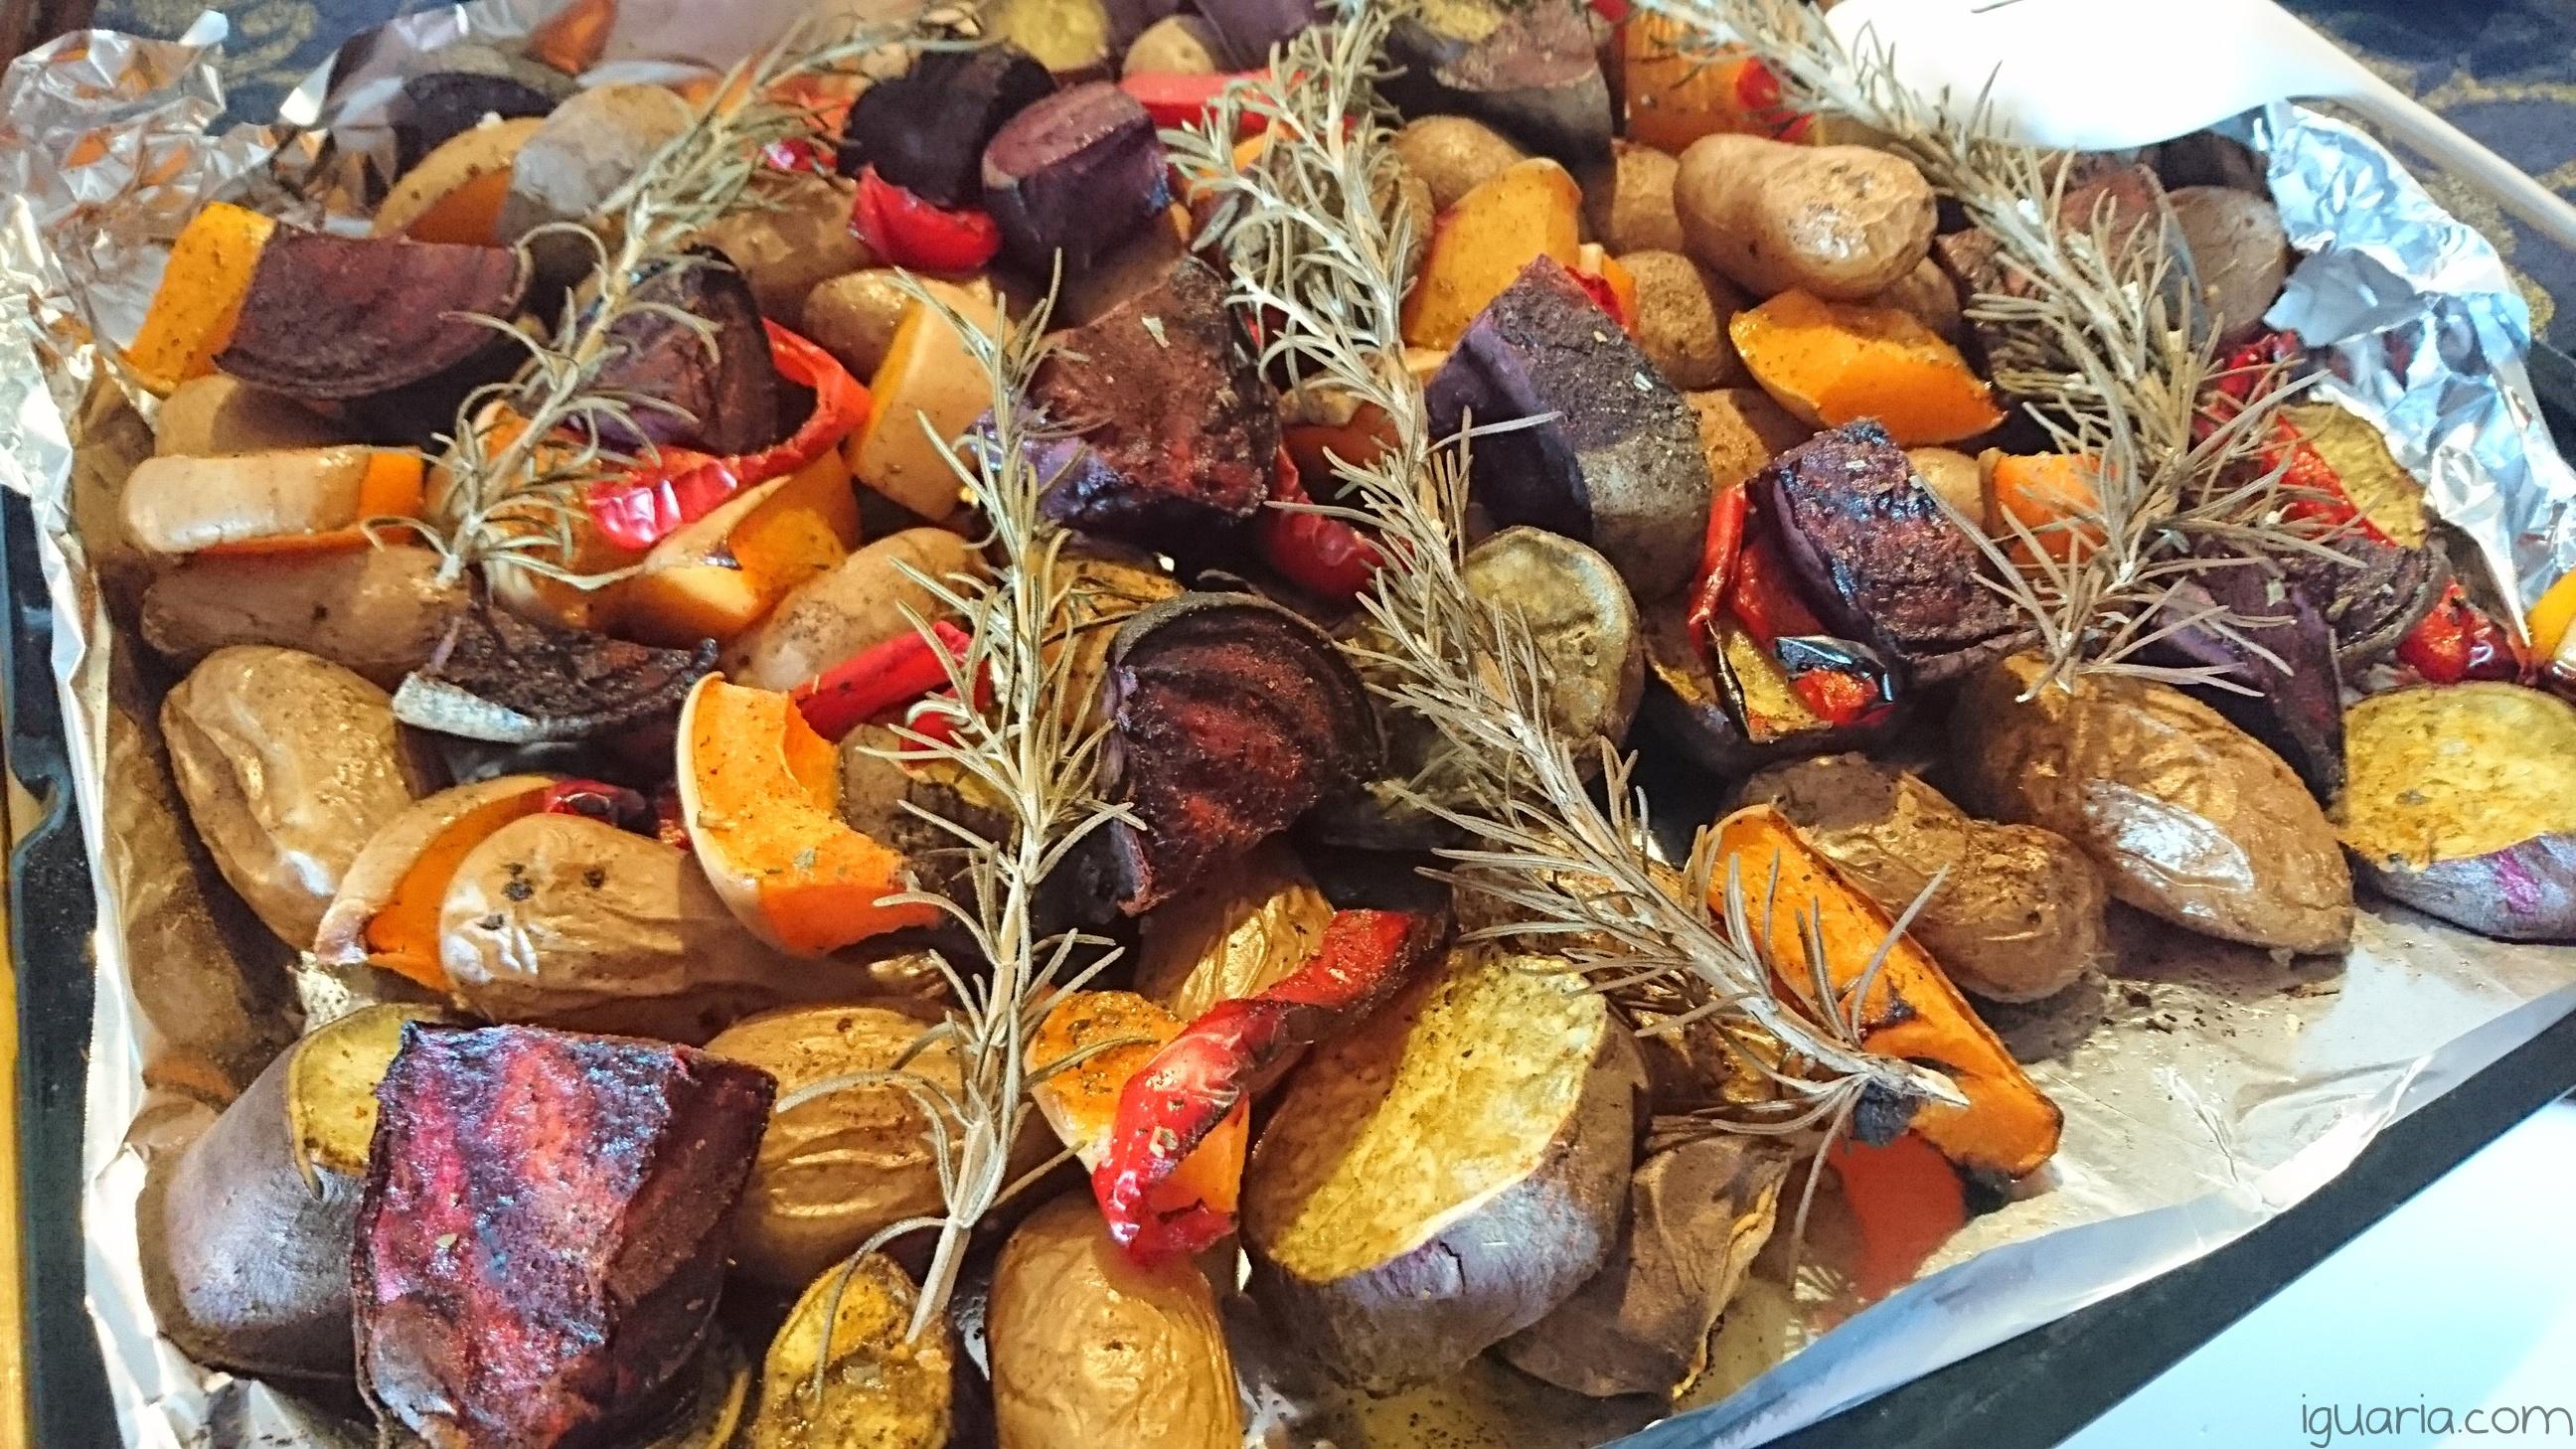 iguaria-batatas-e-legumes-assados-no-forno